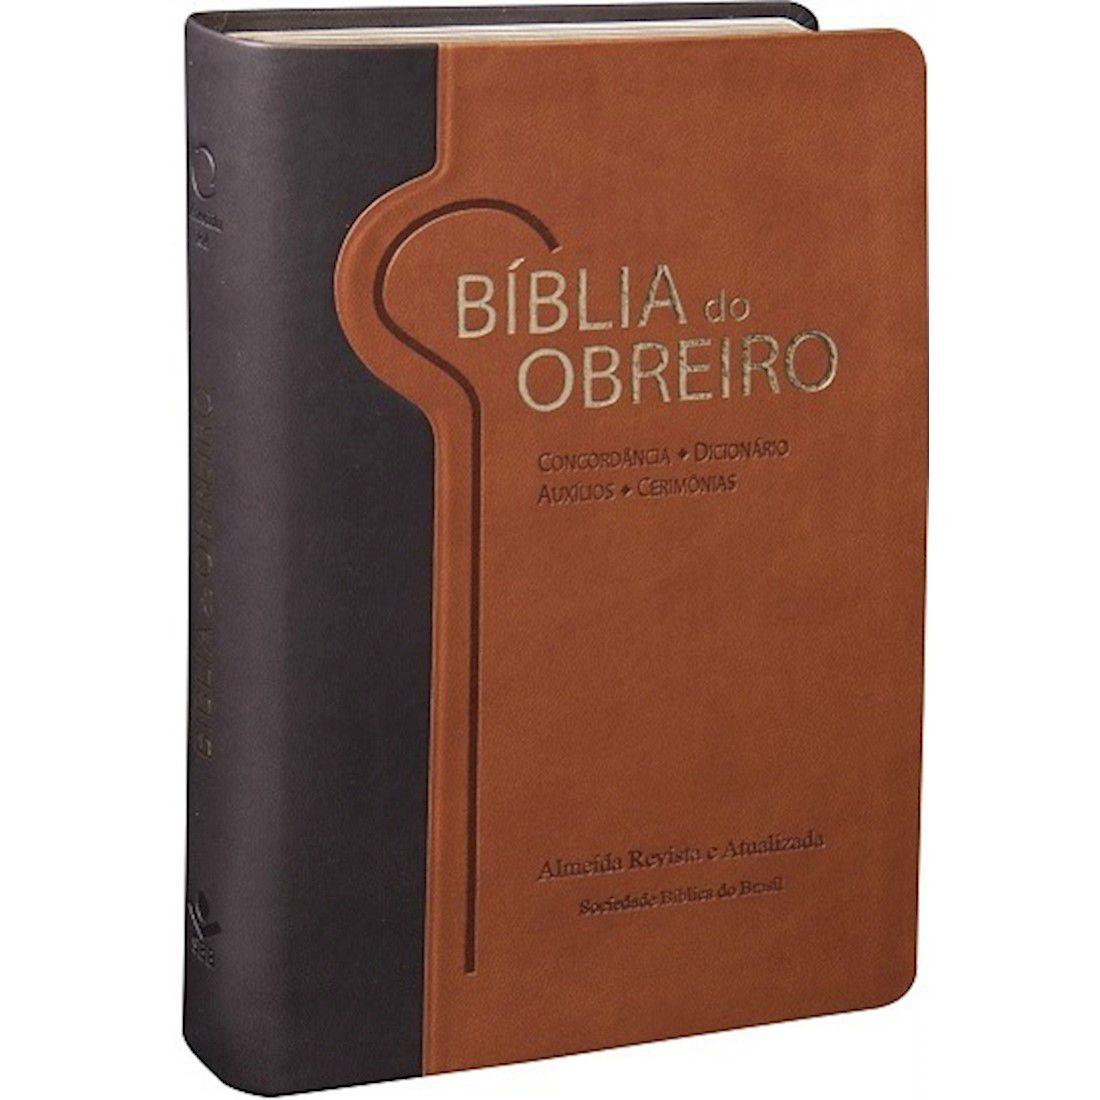 Bíblia do Obreiro - Edição com Letras Vermelhas